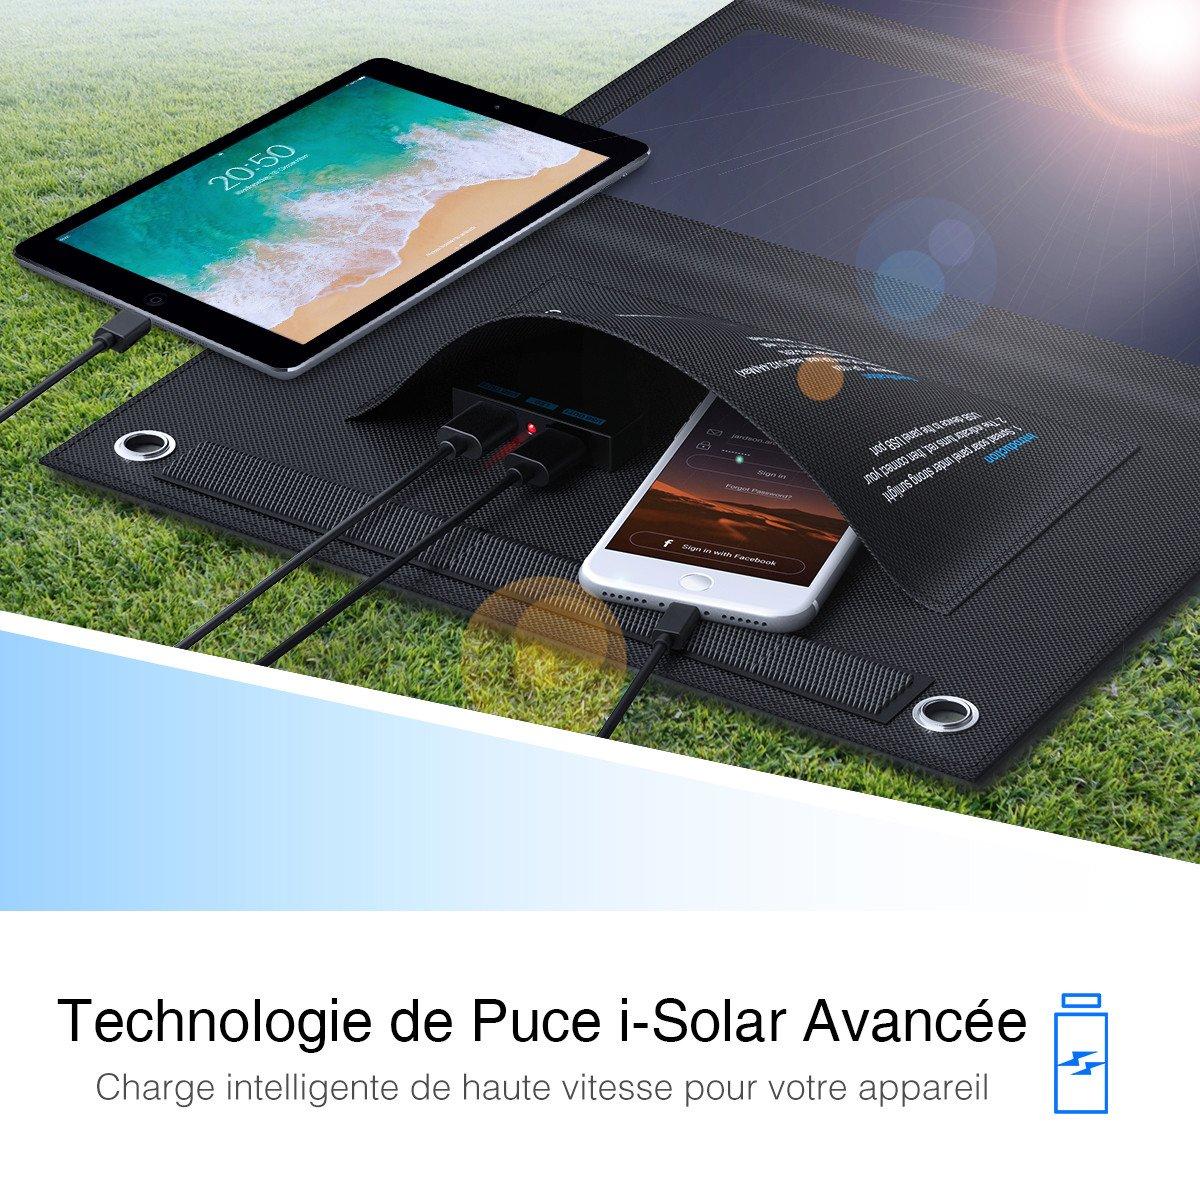 Poweradd Panneau Solaire Pliable 24W, Deux Ports Cachés de Sortie 4.8A Total Chargeur Solaire Imperméable de Haute Conversionet et Deux Câble USB Inclus pour iPhone, Androids et des Tablettes, etc.